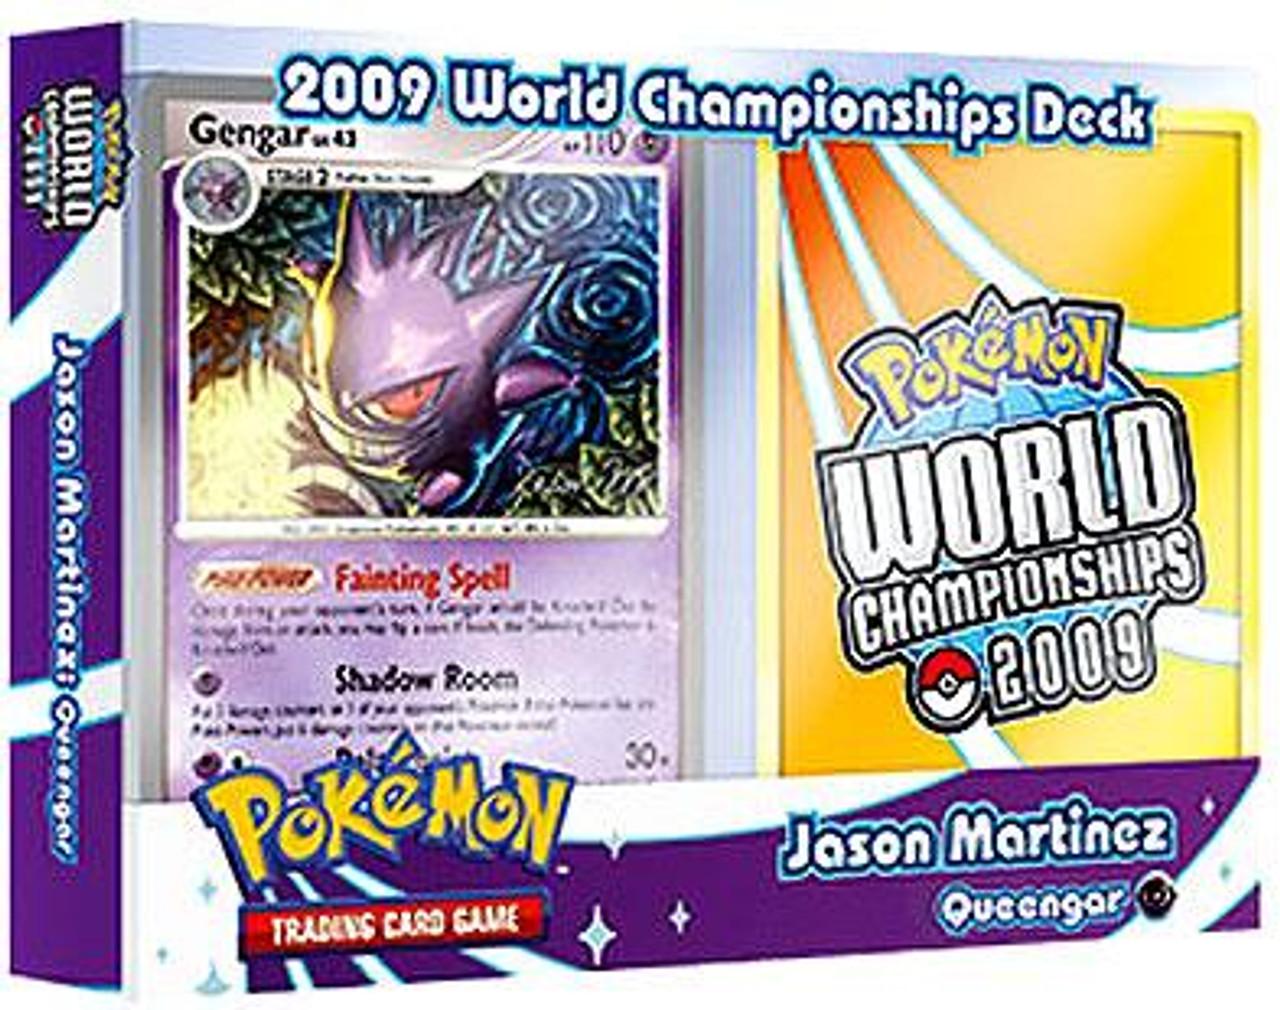 Pokemon World Championships Deck 2009 Jason Martinez Queengar Deck